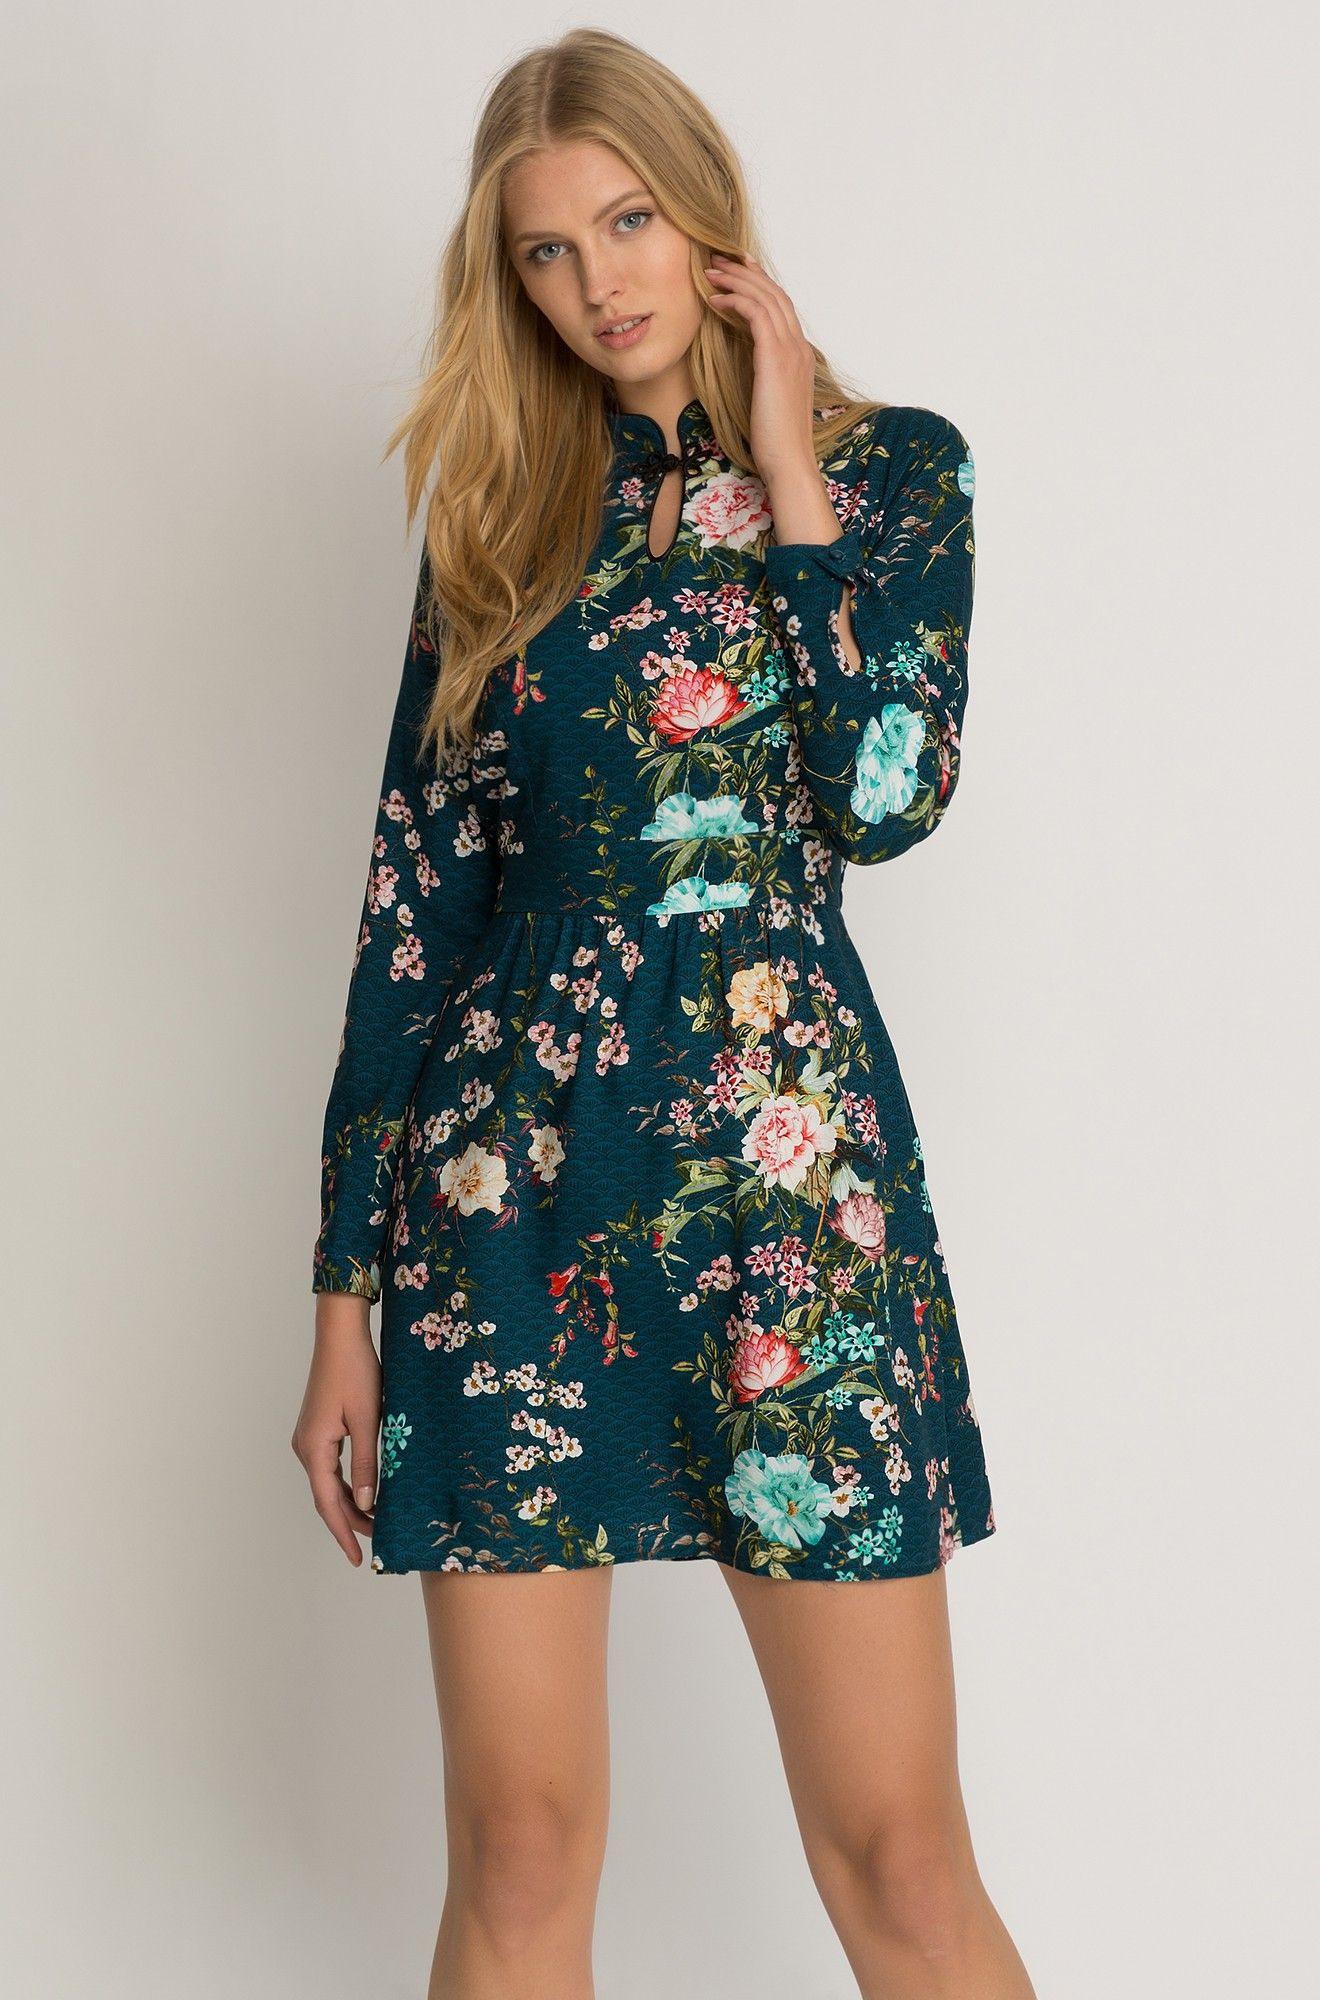 Kleid Mit Blumen-Muster   Orsay   Kleider, Schöne Kleider